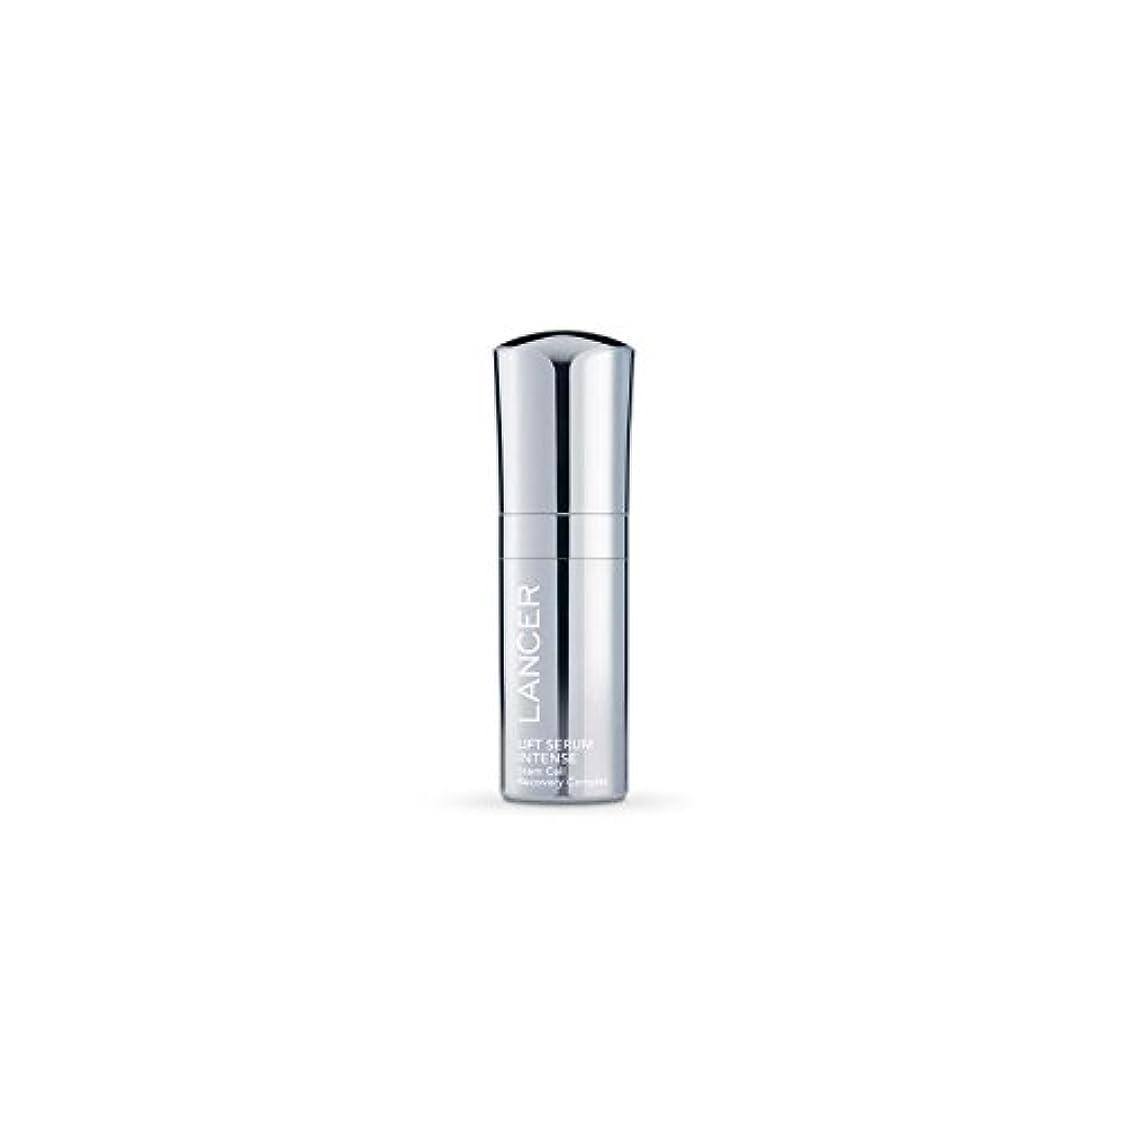 漫画カプラーオアシスLancer Skincare Lift Serum Intense (30ml) - 強烈ランサースキンケアリフト血清(30ミリリットル) [並行輸入品]